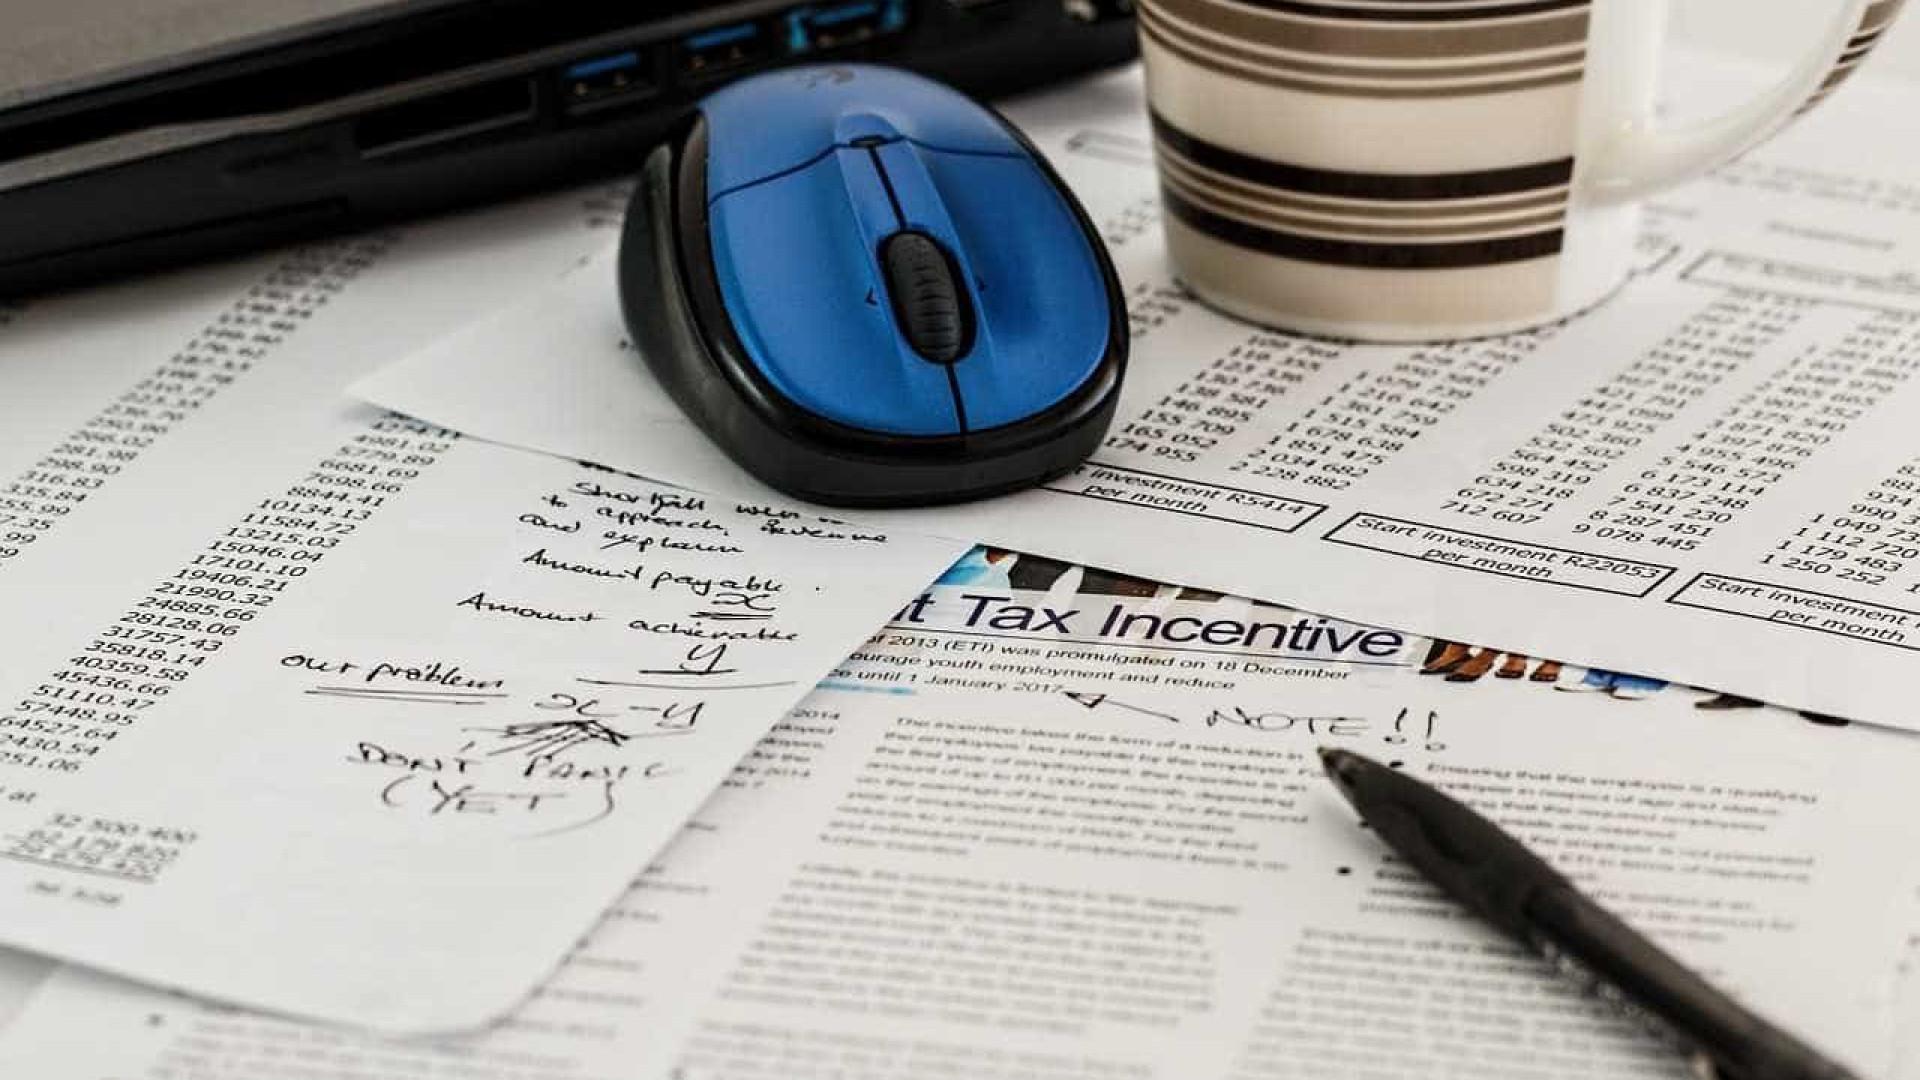 Pensões, IRS, Função Pública: Marques Mendes revela 5 prioridades do OE